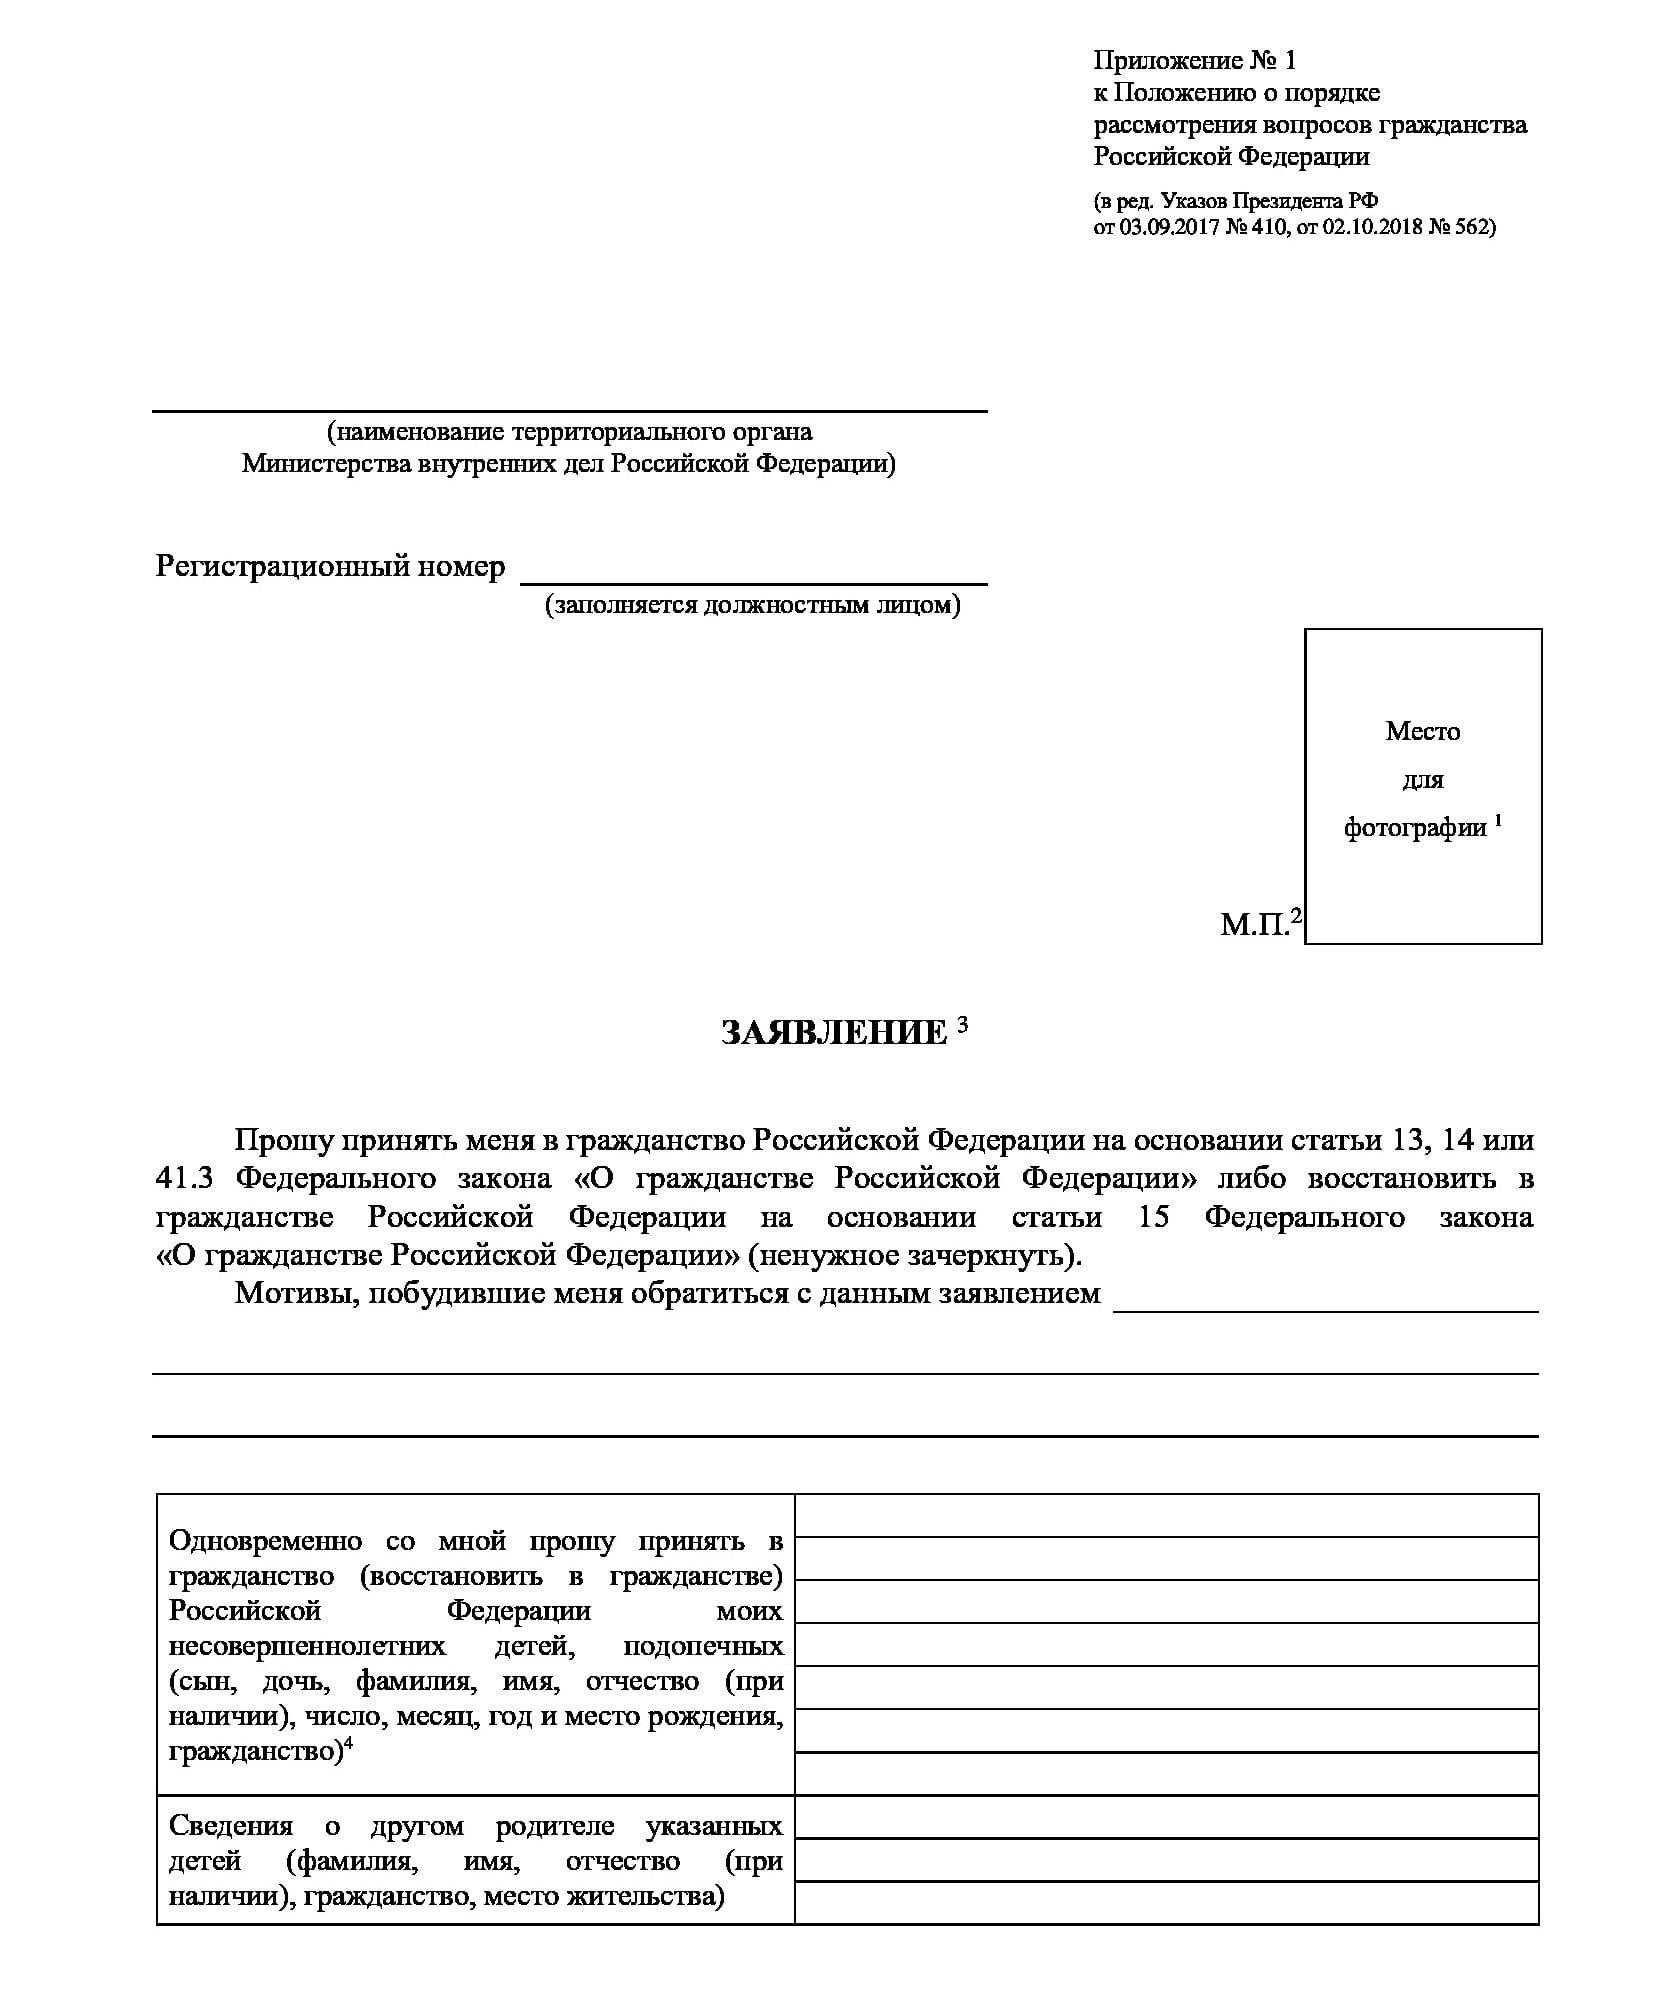 БЛАНК Заявление на гражданство РФ по программе содействия переселению соотечественников